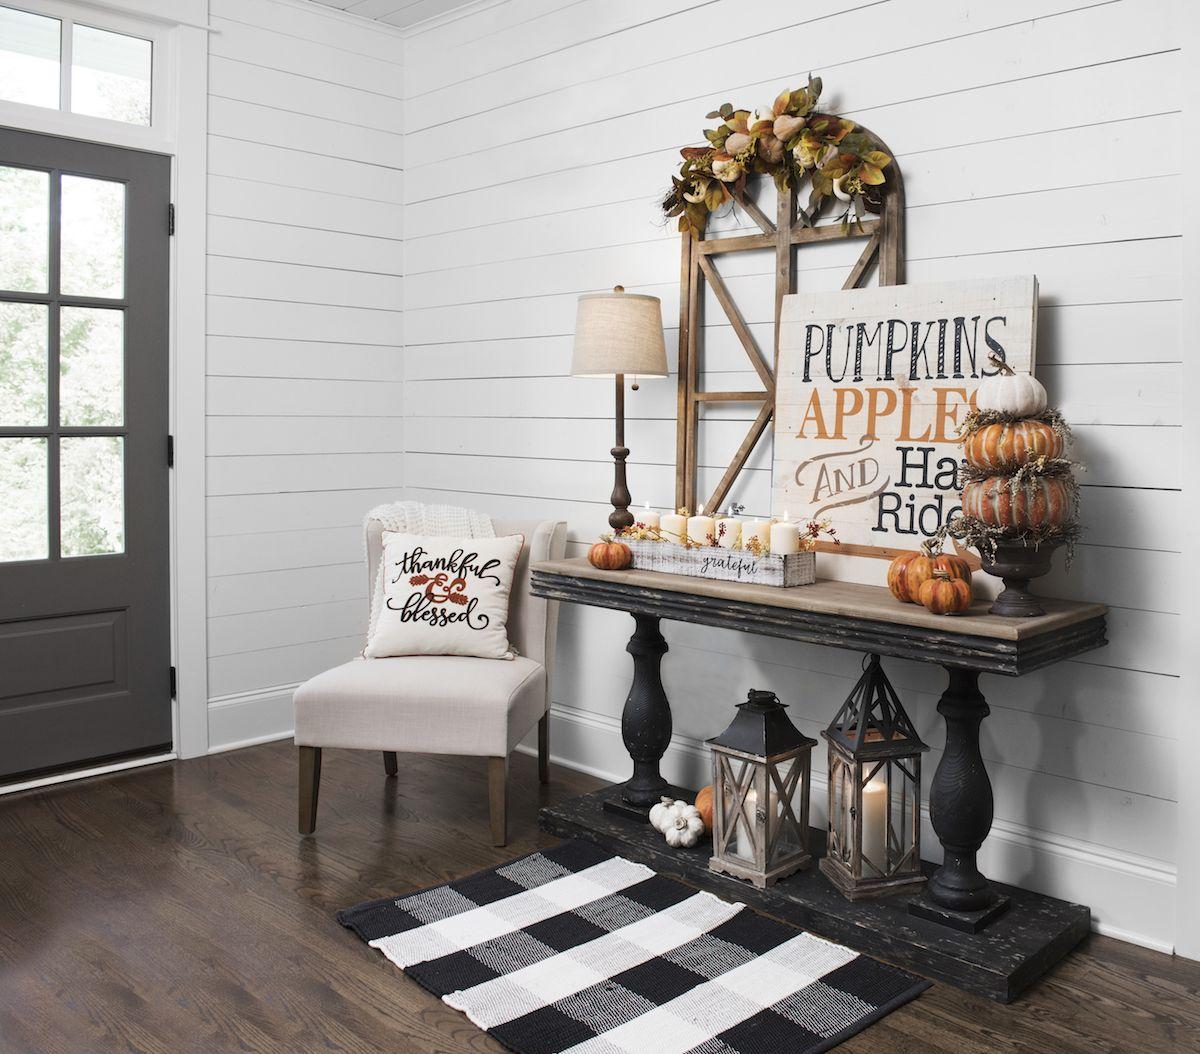 Product Details Pre-Lit Pumpkins Apples Hayrides Wood Plank Plaque #falldecorideas